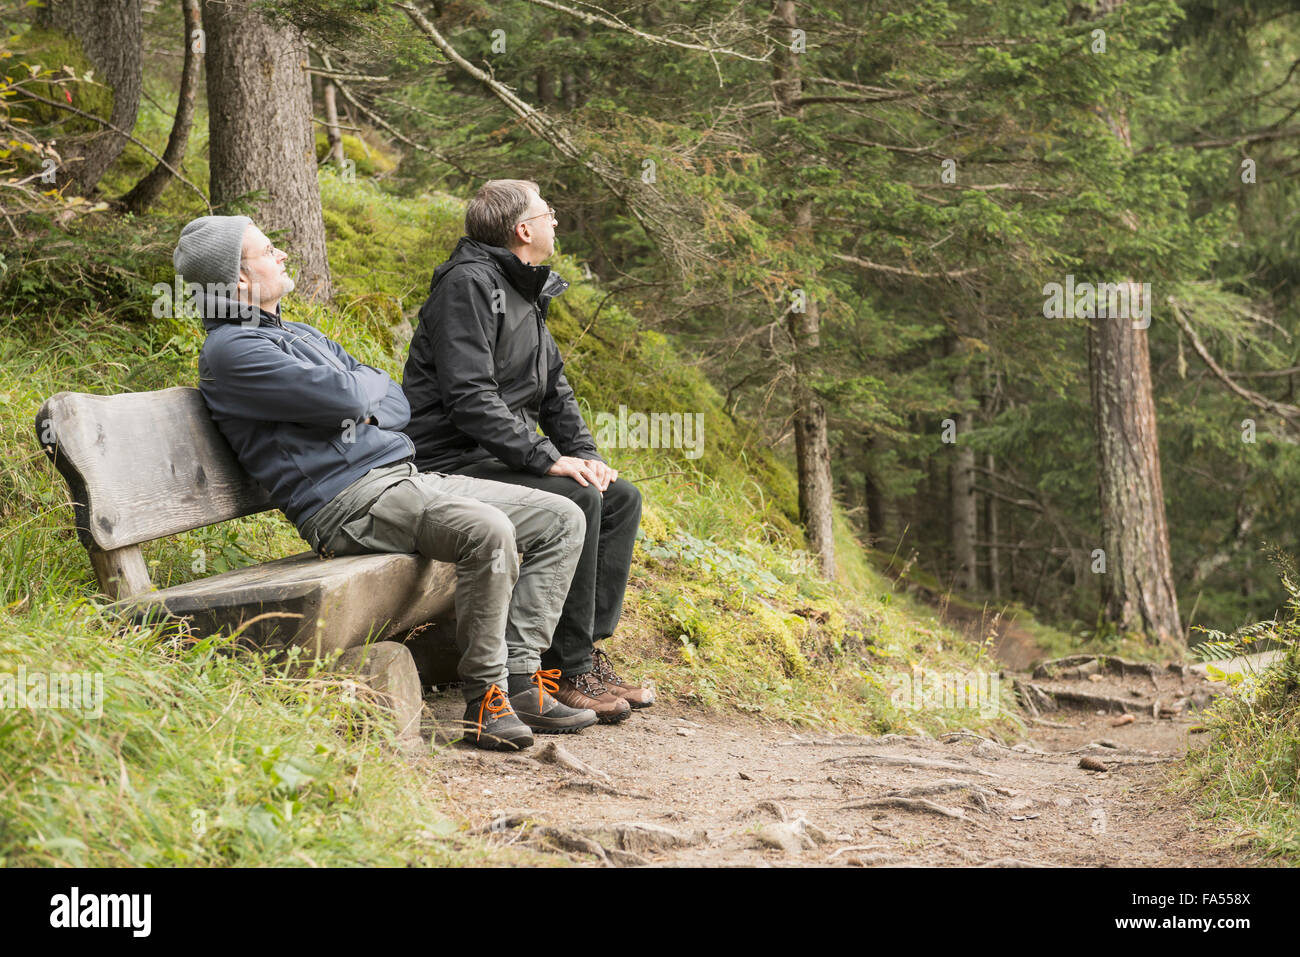 Deux randonneurs mature reposant sur le banc en forêt, Alpes autrichiennes, Carinthie, Autriche Photo Stock